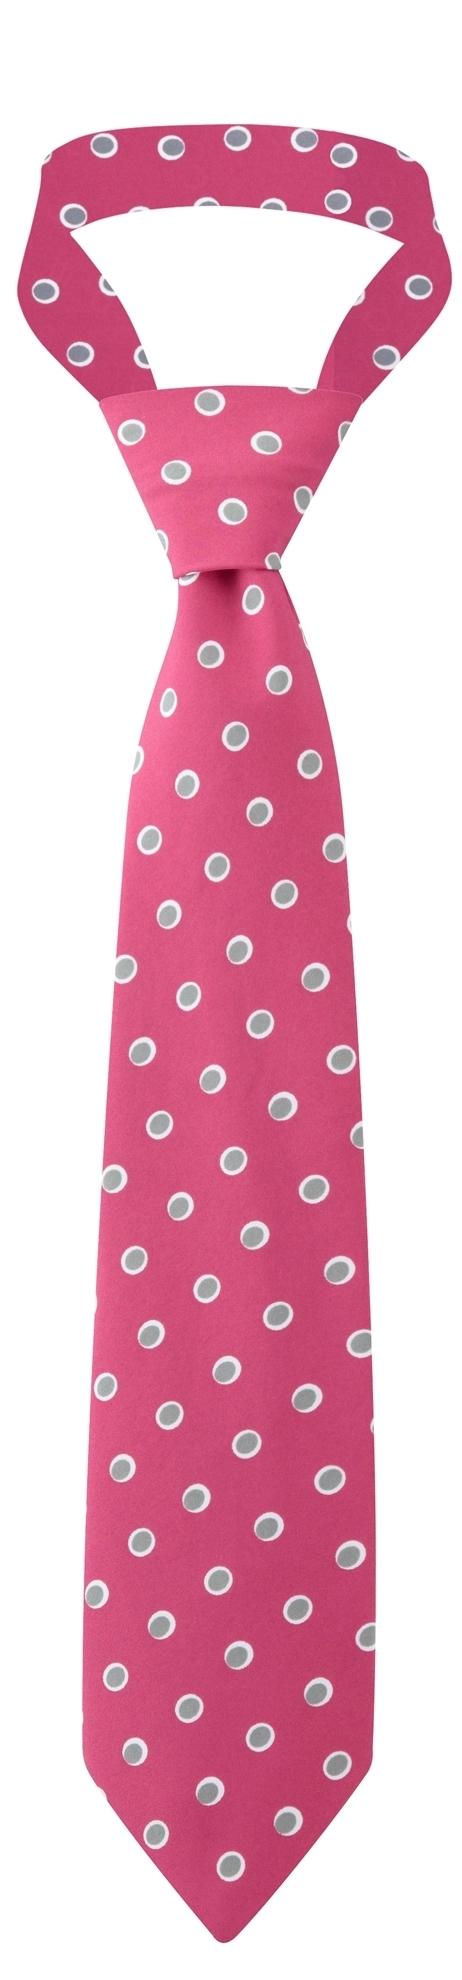 Picture of Print Tie - Pink/Grey Ella Print